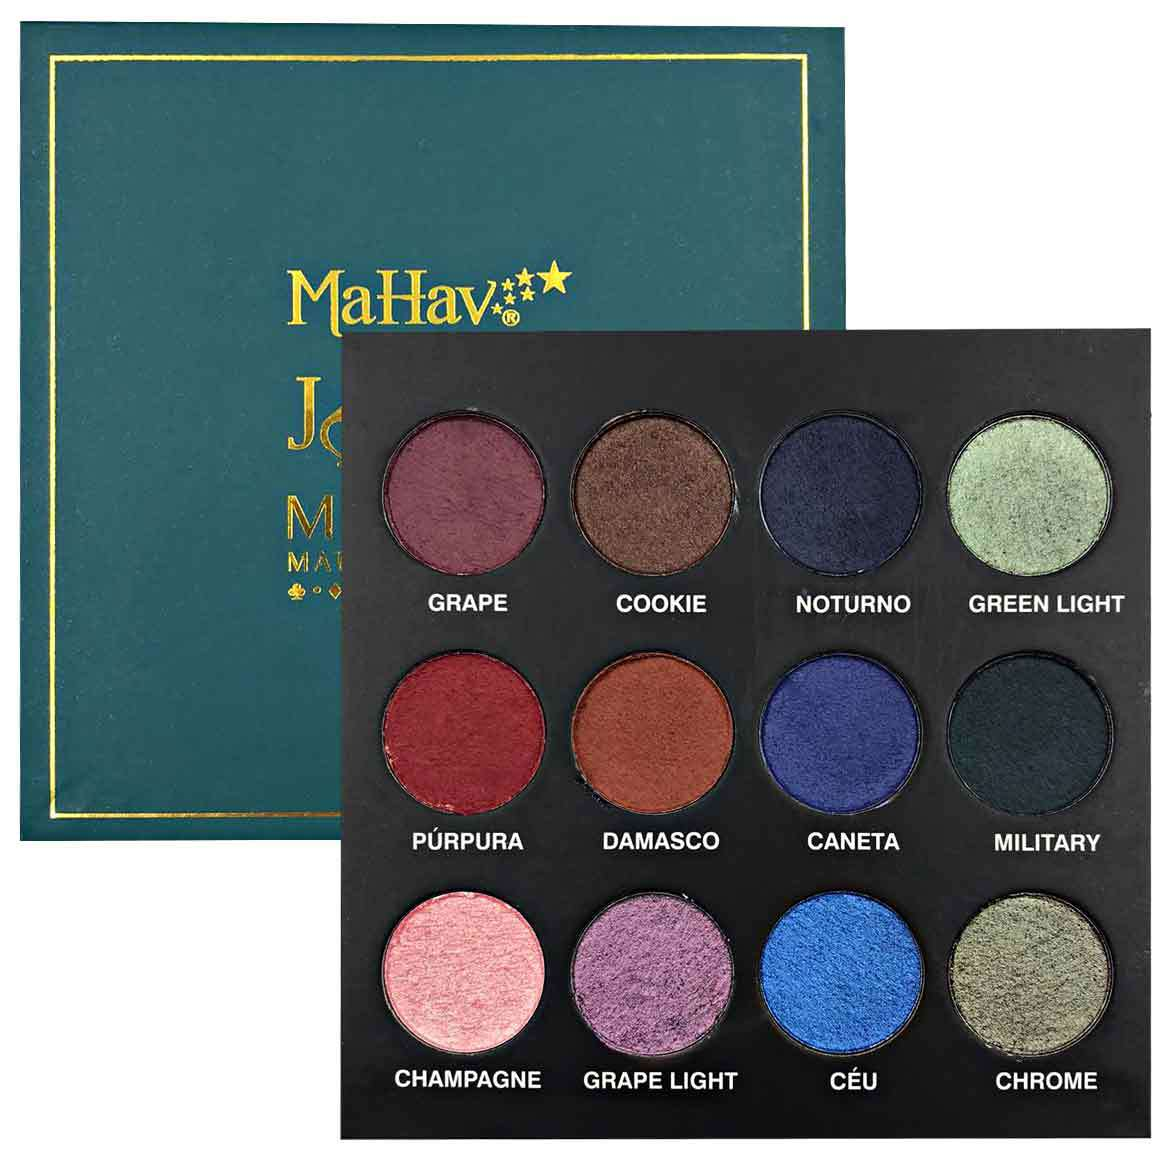 Mahav Paleta de Sombras Joker Mousse - Matte & Shimmer